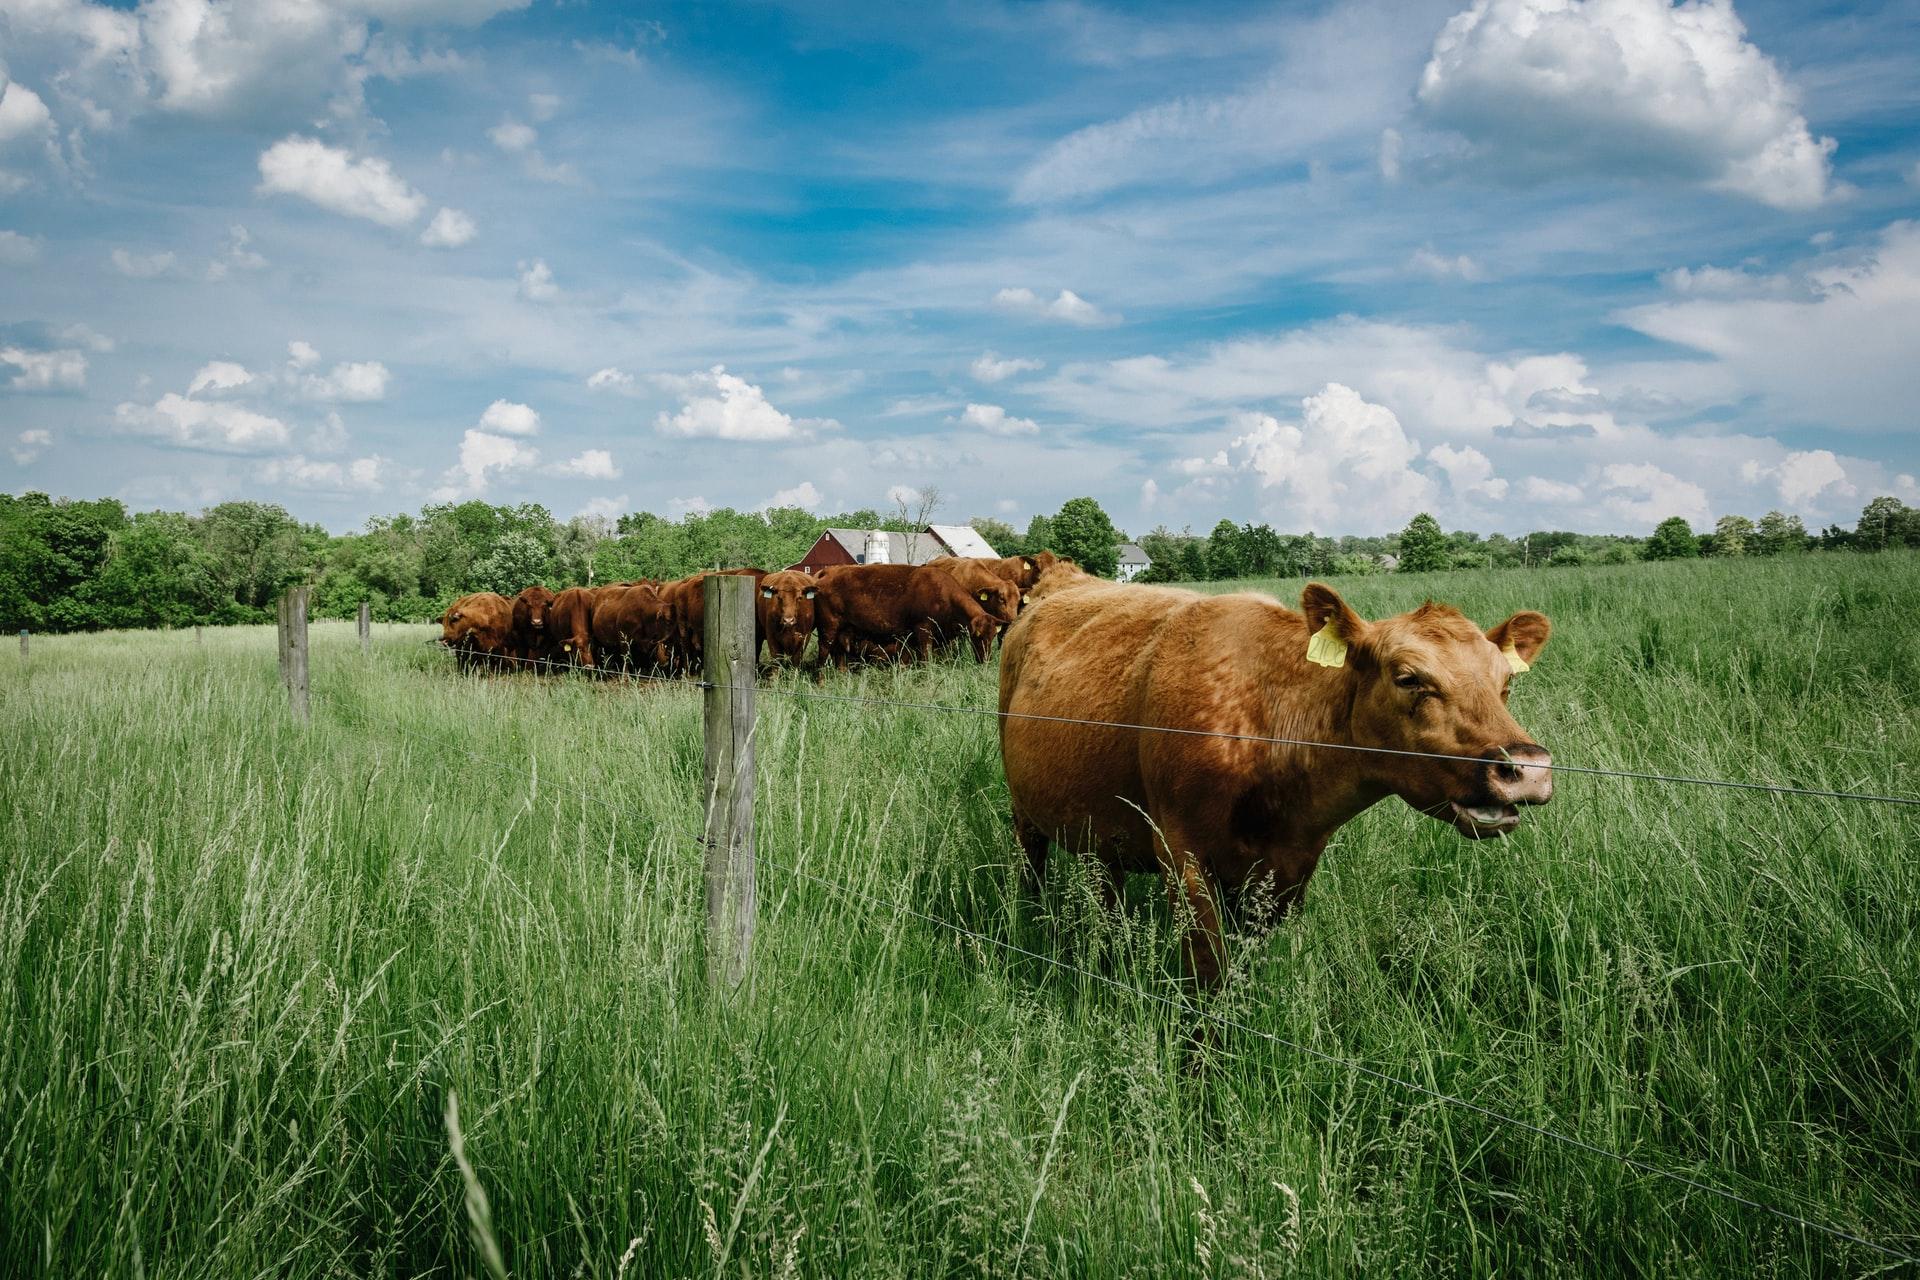 Eine Herde Kühe ist auf der grünen Weide. Eine Kuh steht mehr im Vordergrund.